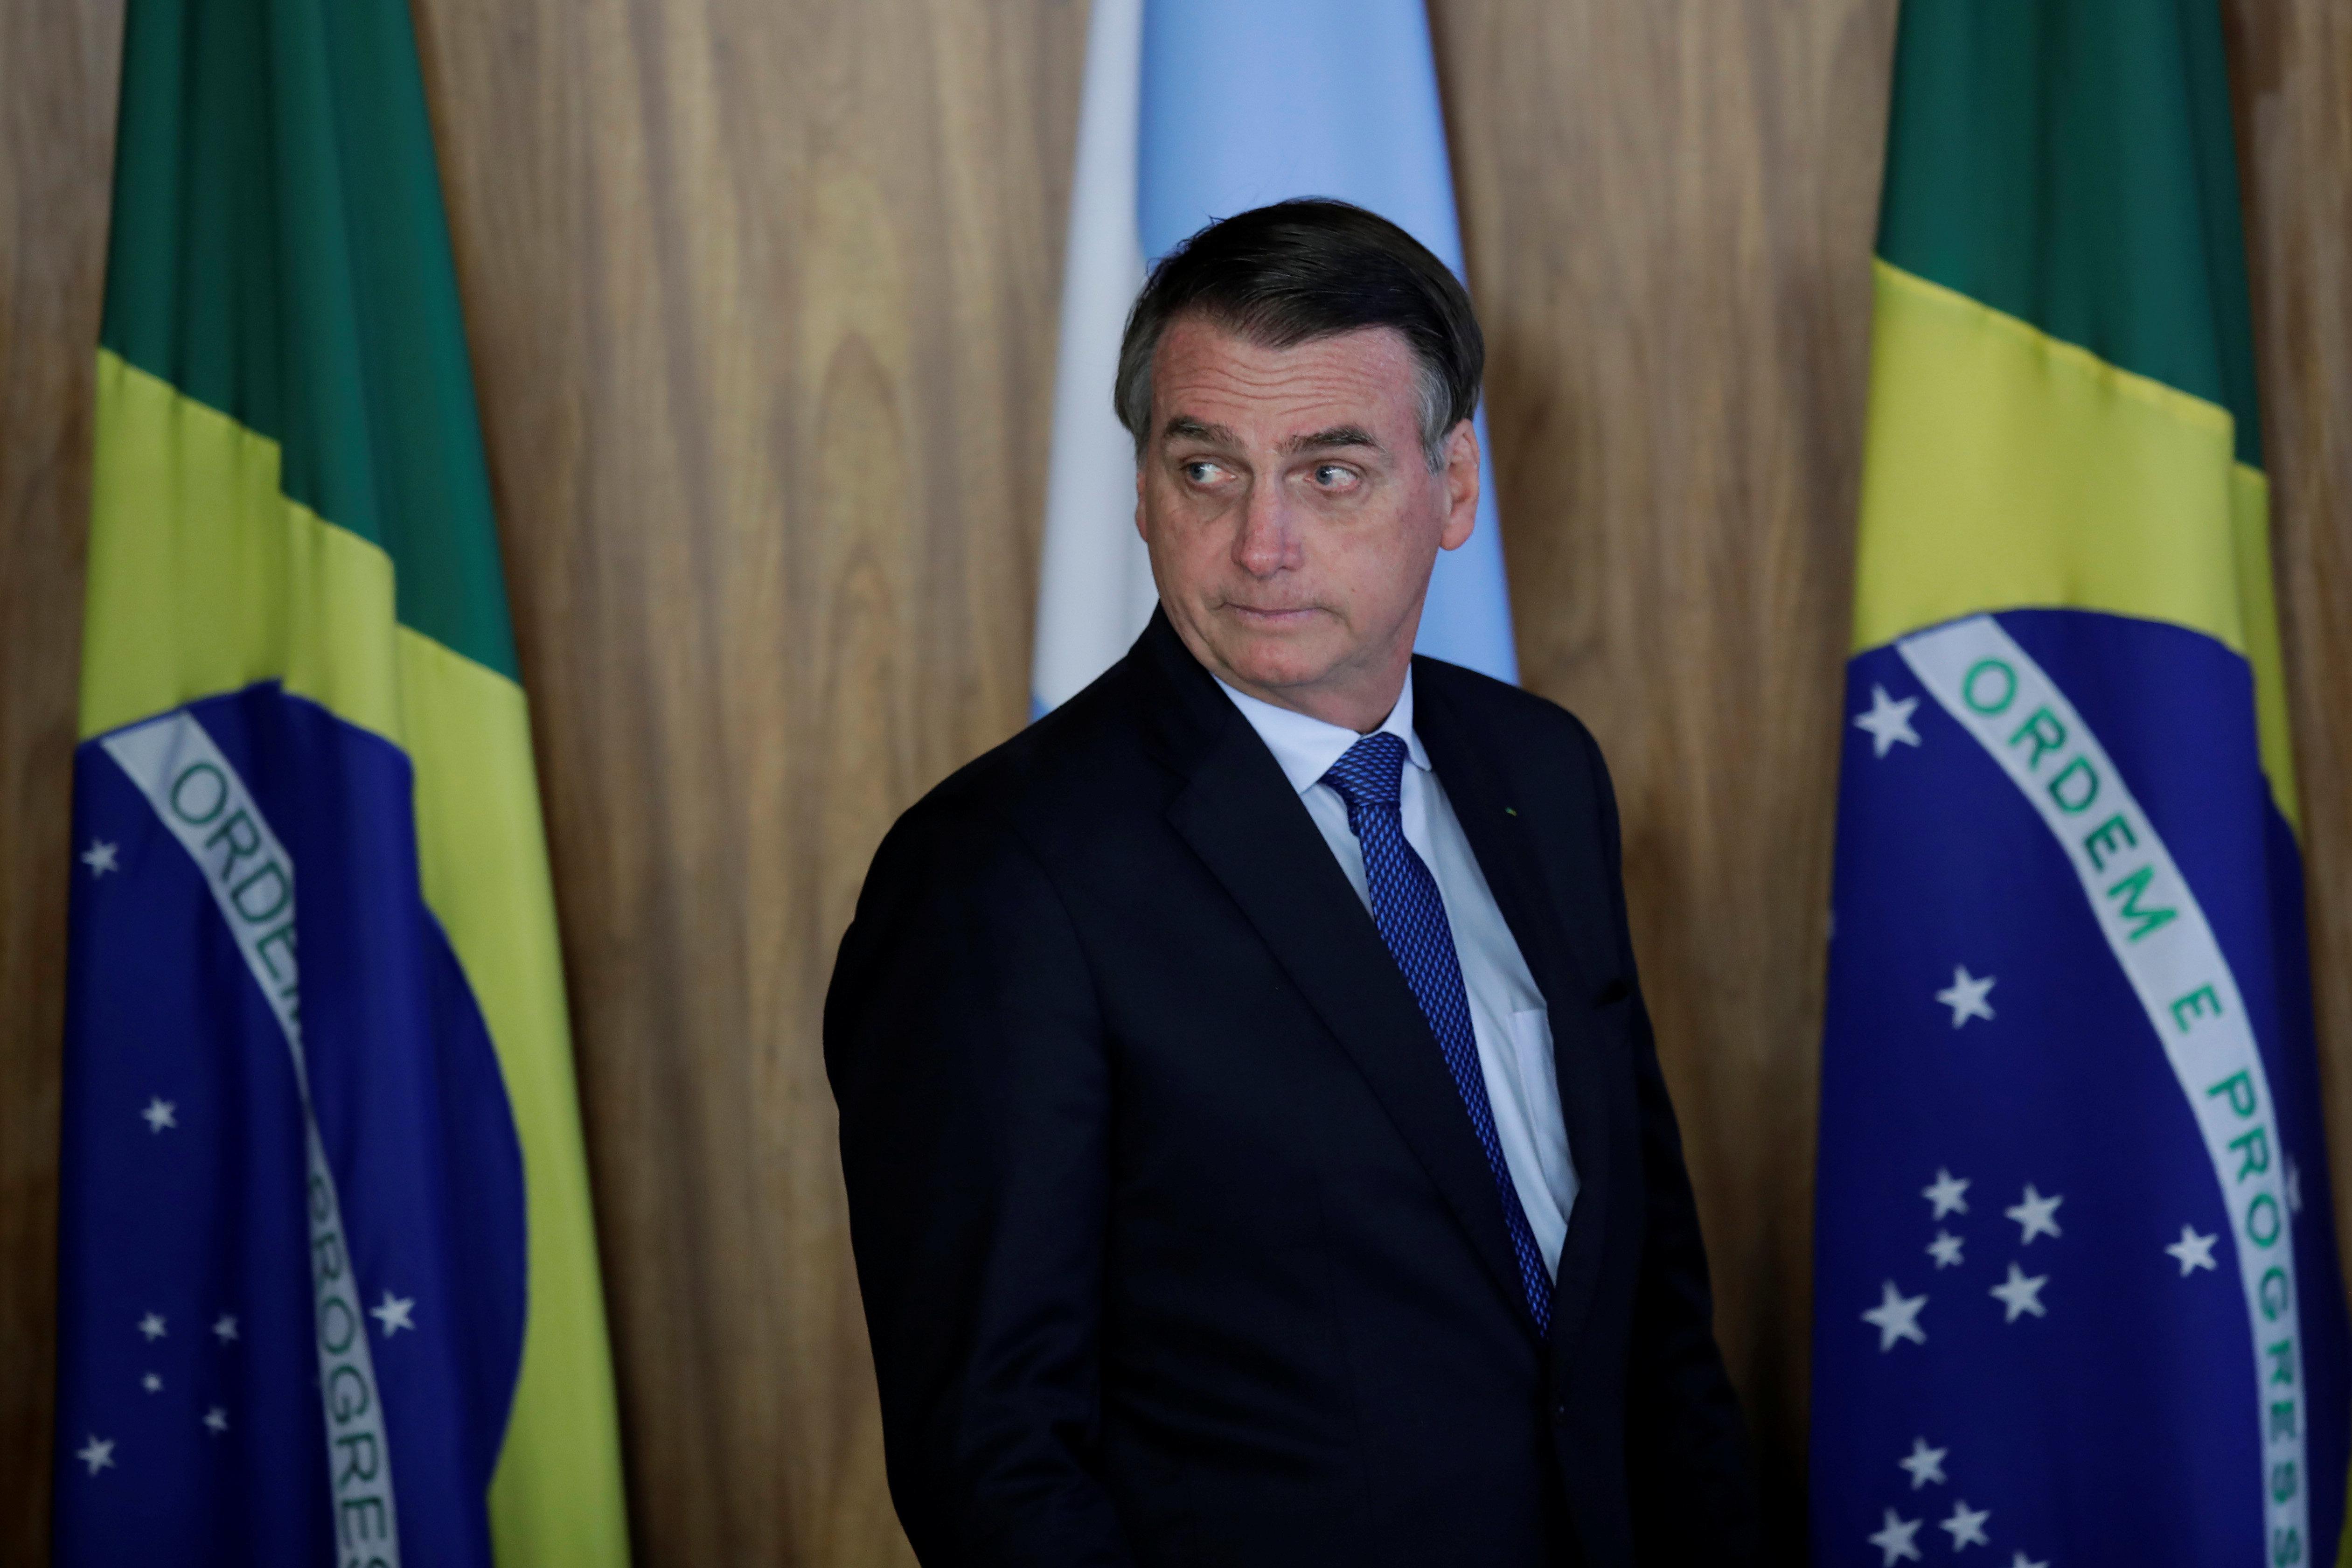 Demora de Jair Bolsonaro na demissão de Bebianno do cargo de ministro-chefe da Secretaria-Geral...